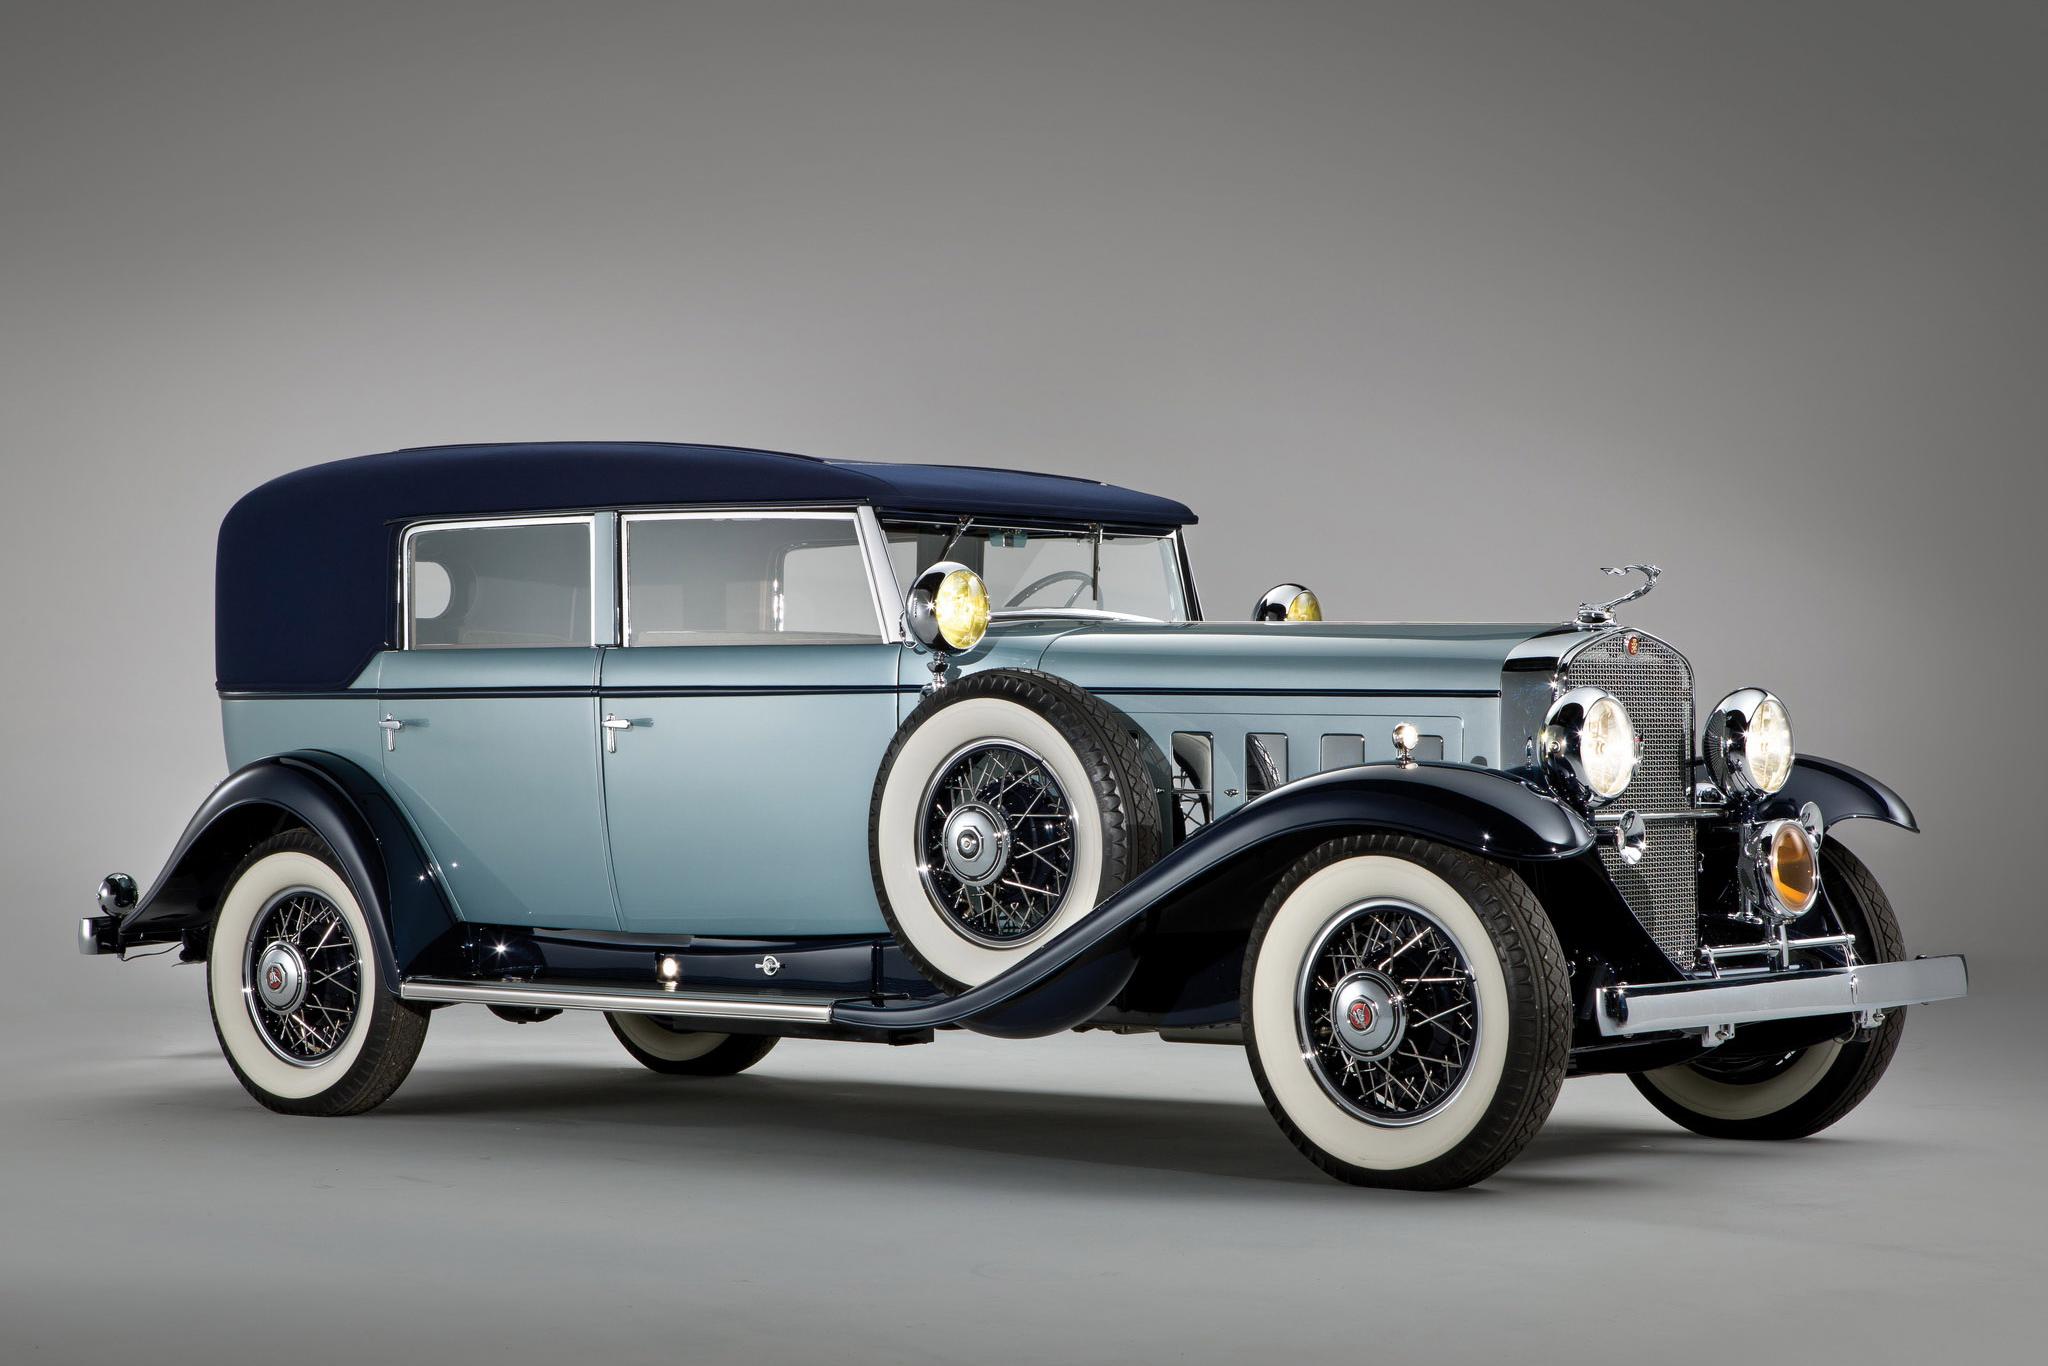 1930 cadillac sixteen v16 convertible sedan by saoutchik 002 2670